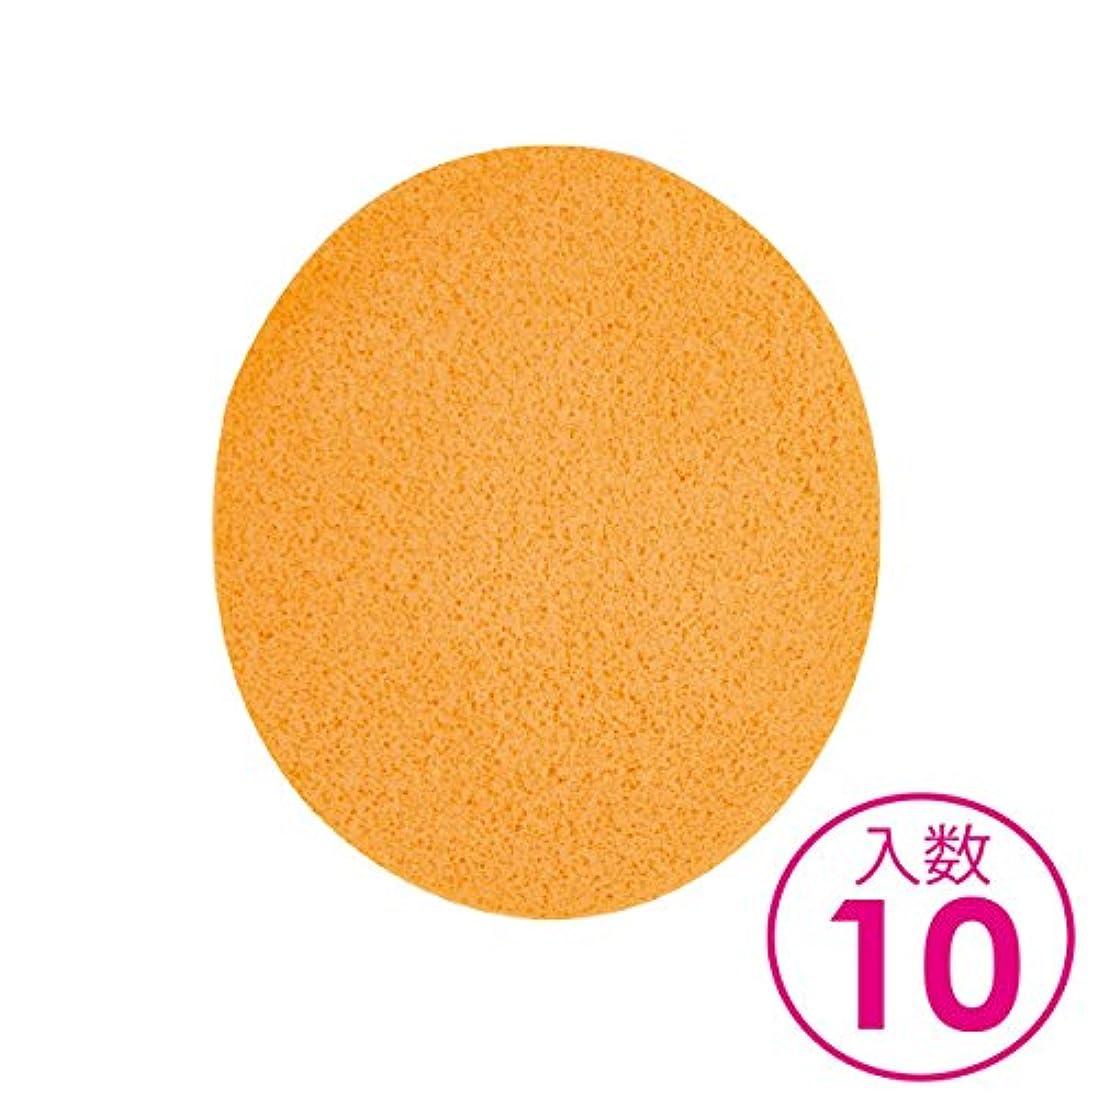 ラバメンタル丁寧ボディスポンジ 幅120×長さ140×厚み10mm (きめ粗い) 10枚入 オレンジ [ ボディスポンジ ボディ用スポンジ マッサージスポンジ ボディ ボディー 体用 エステ スポンジ パック 拭き取り 吸水 保水 ]